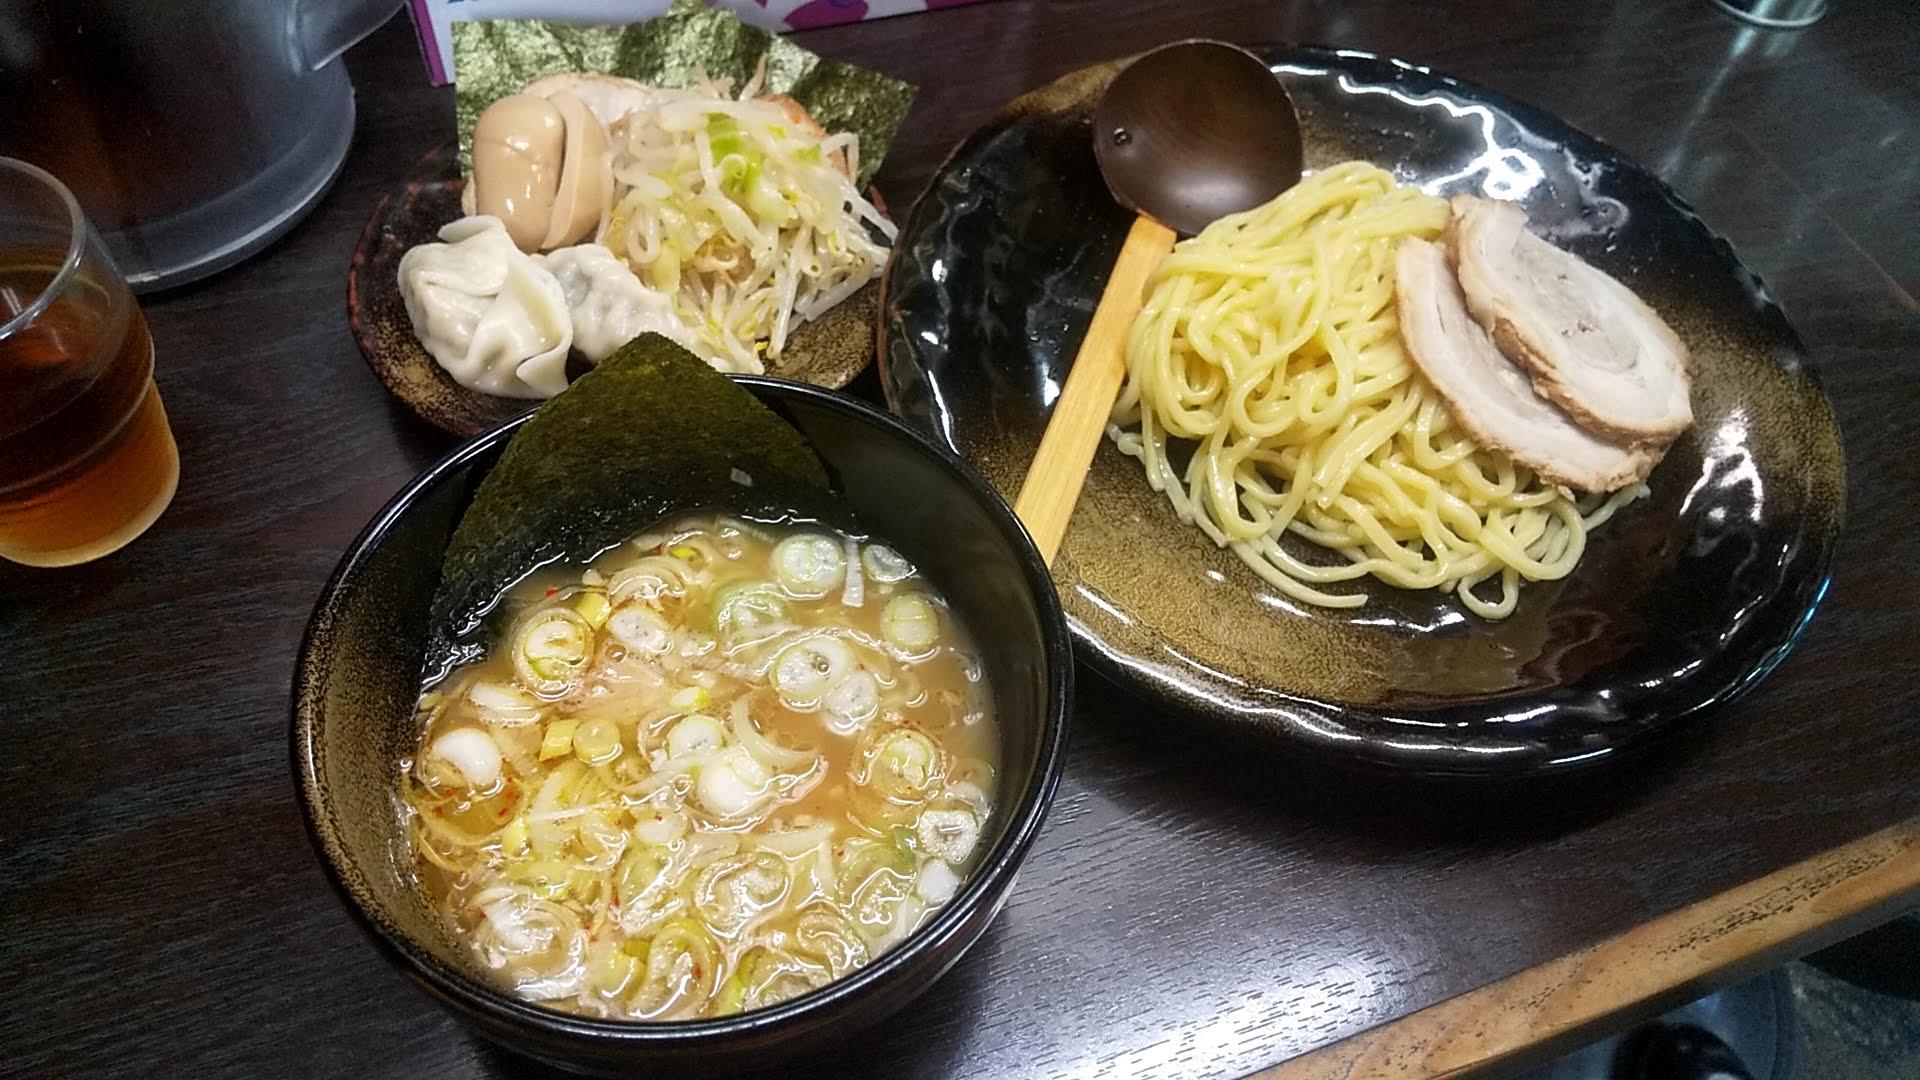 つけ麺隅田の全部のせ醤油つけ麺